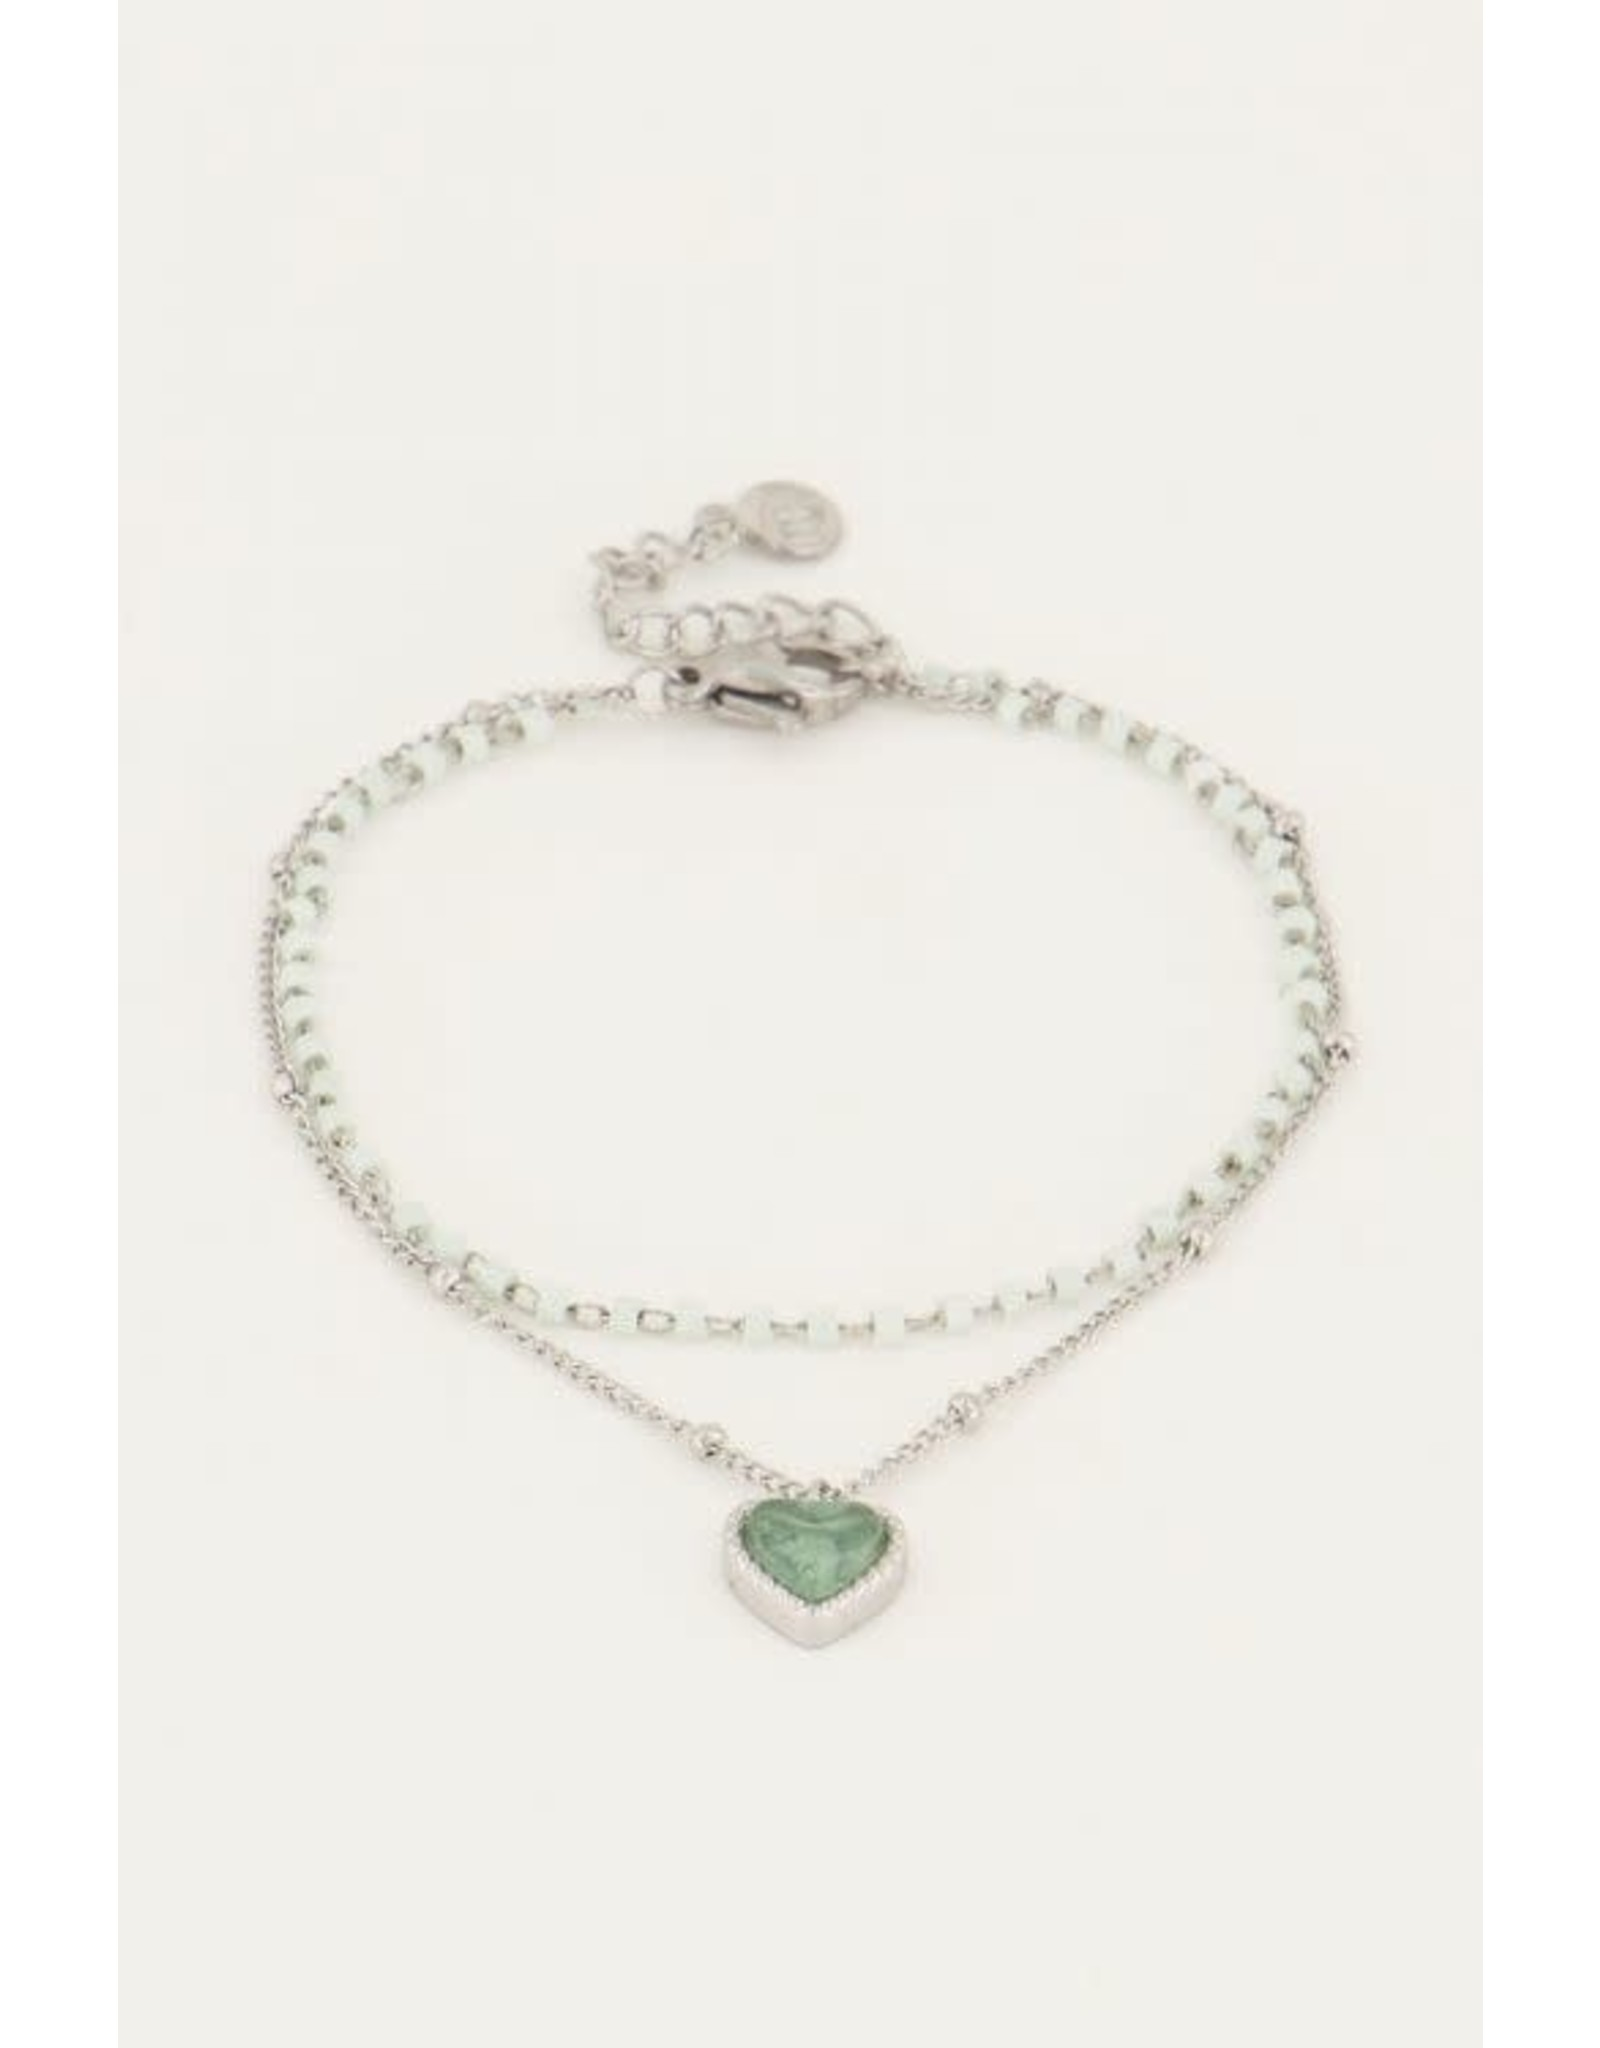 My Jewellery My Jewellery groen kralenarmbandje met hart